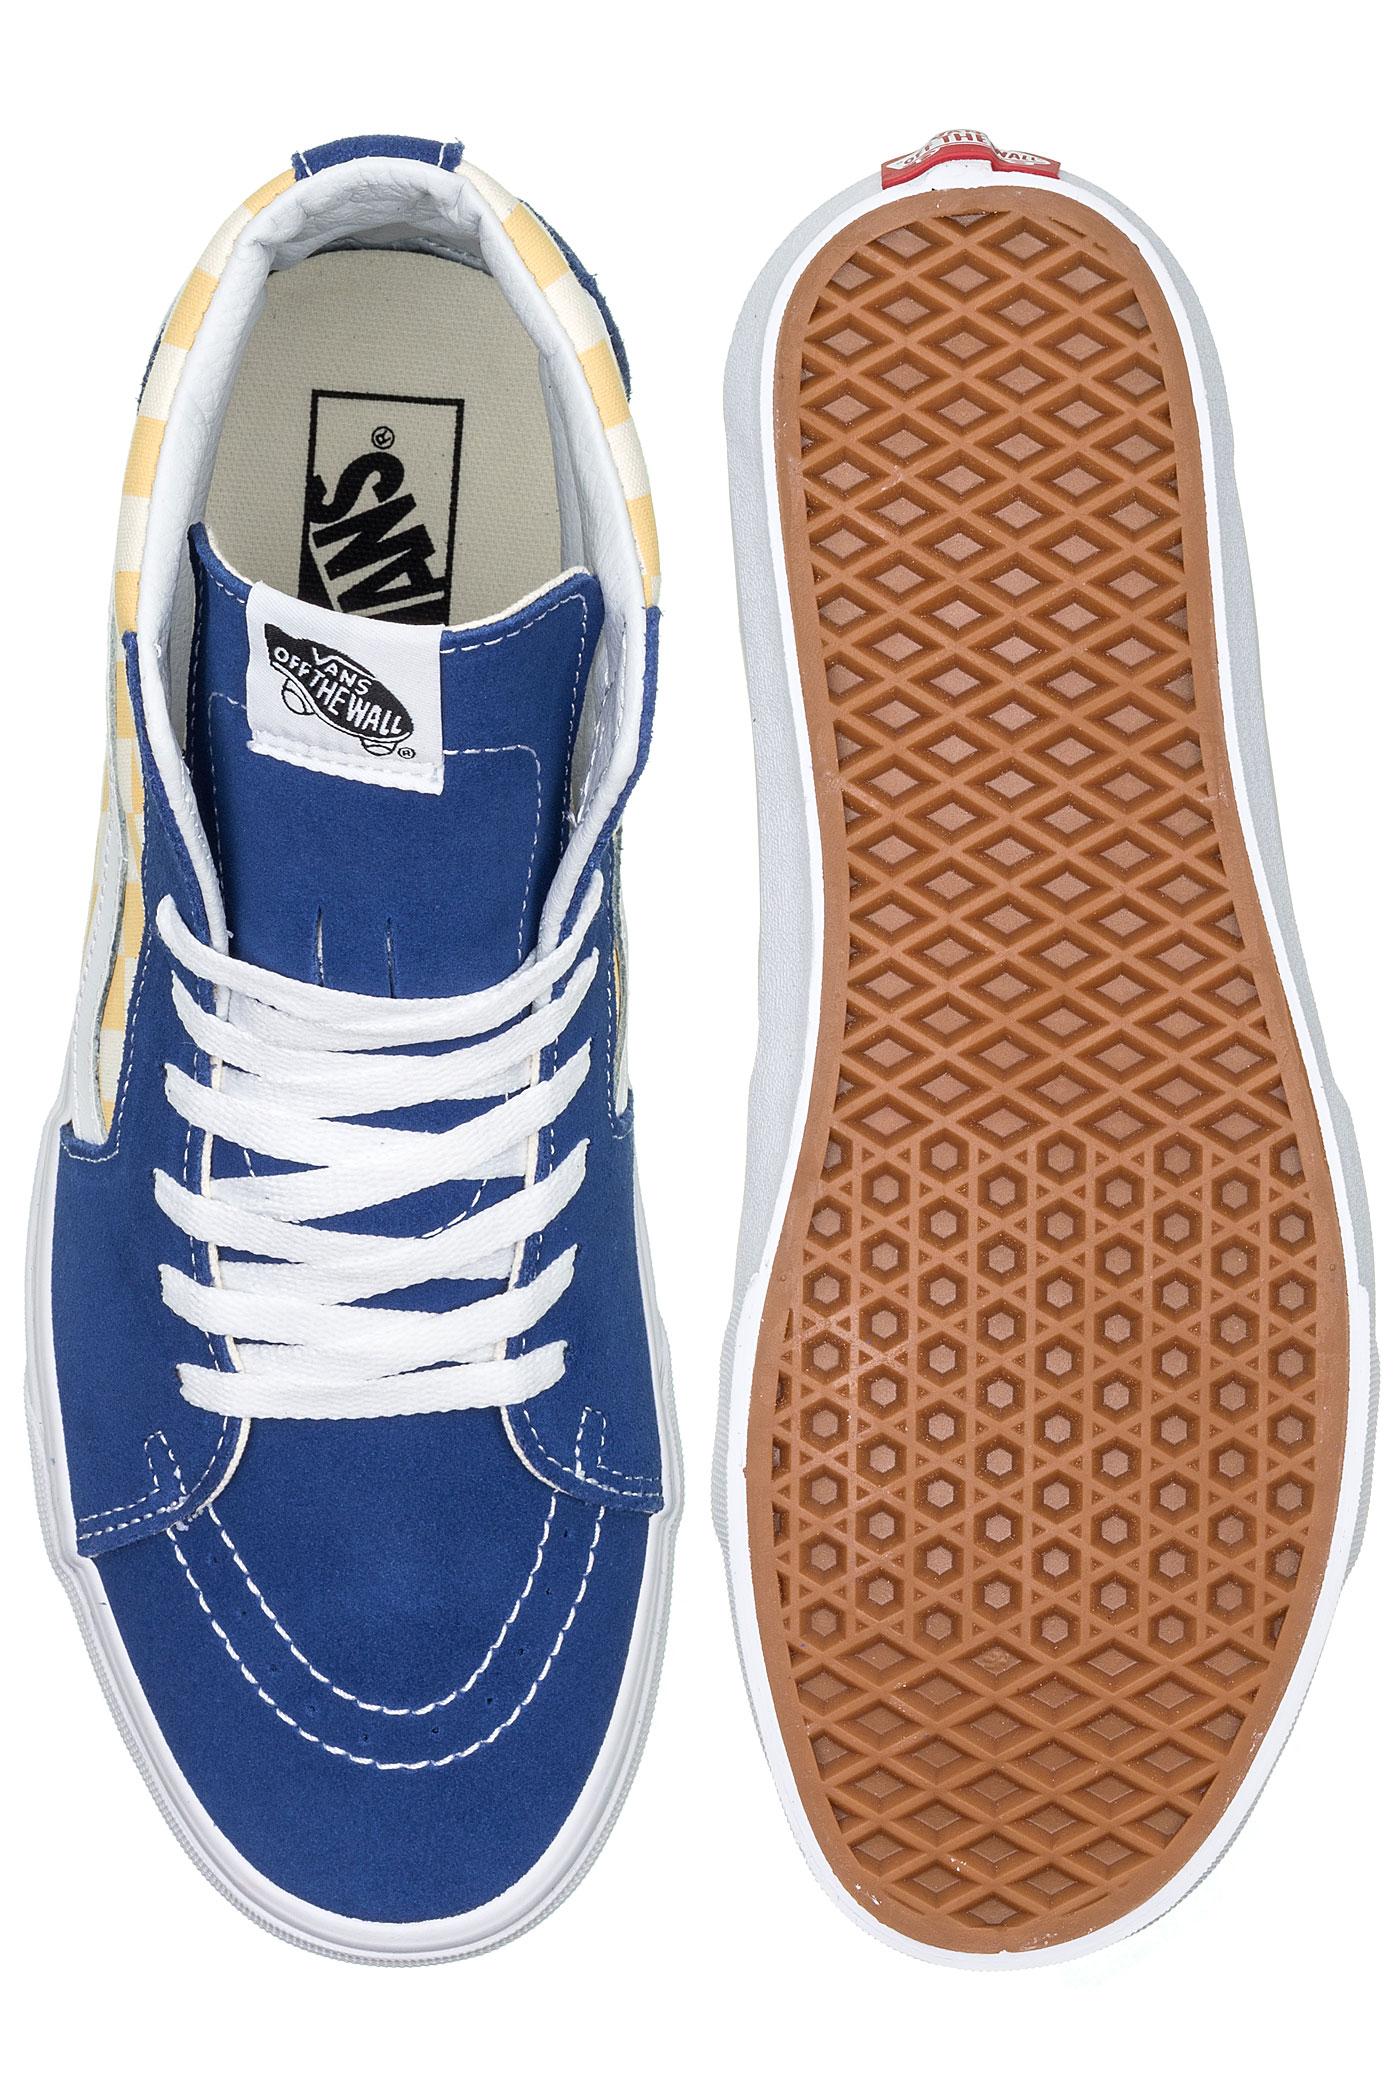 Vans Chaussurebmx Blue Checkerboard hi Sk8 GpUzVqMS